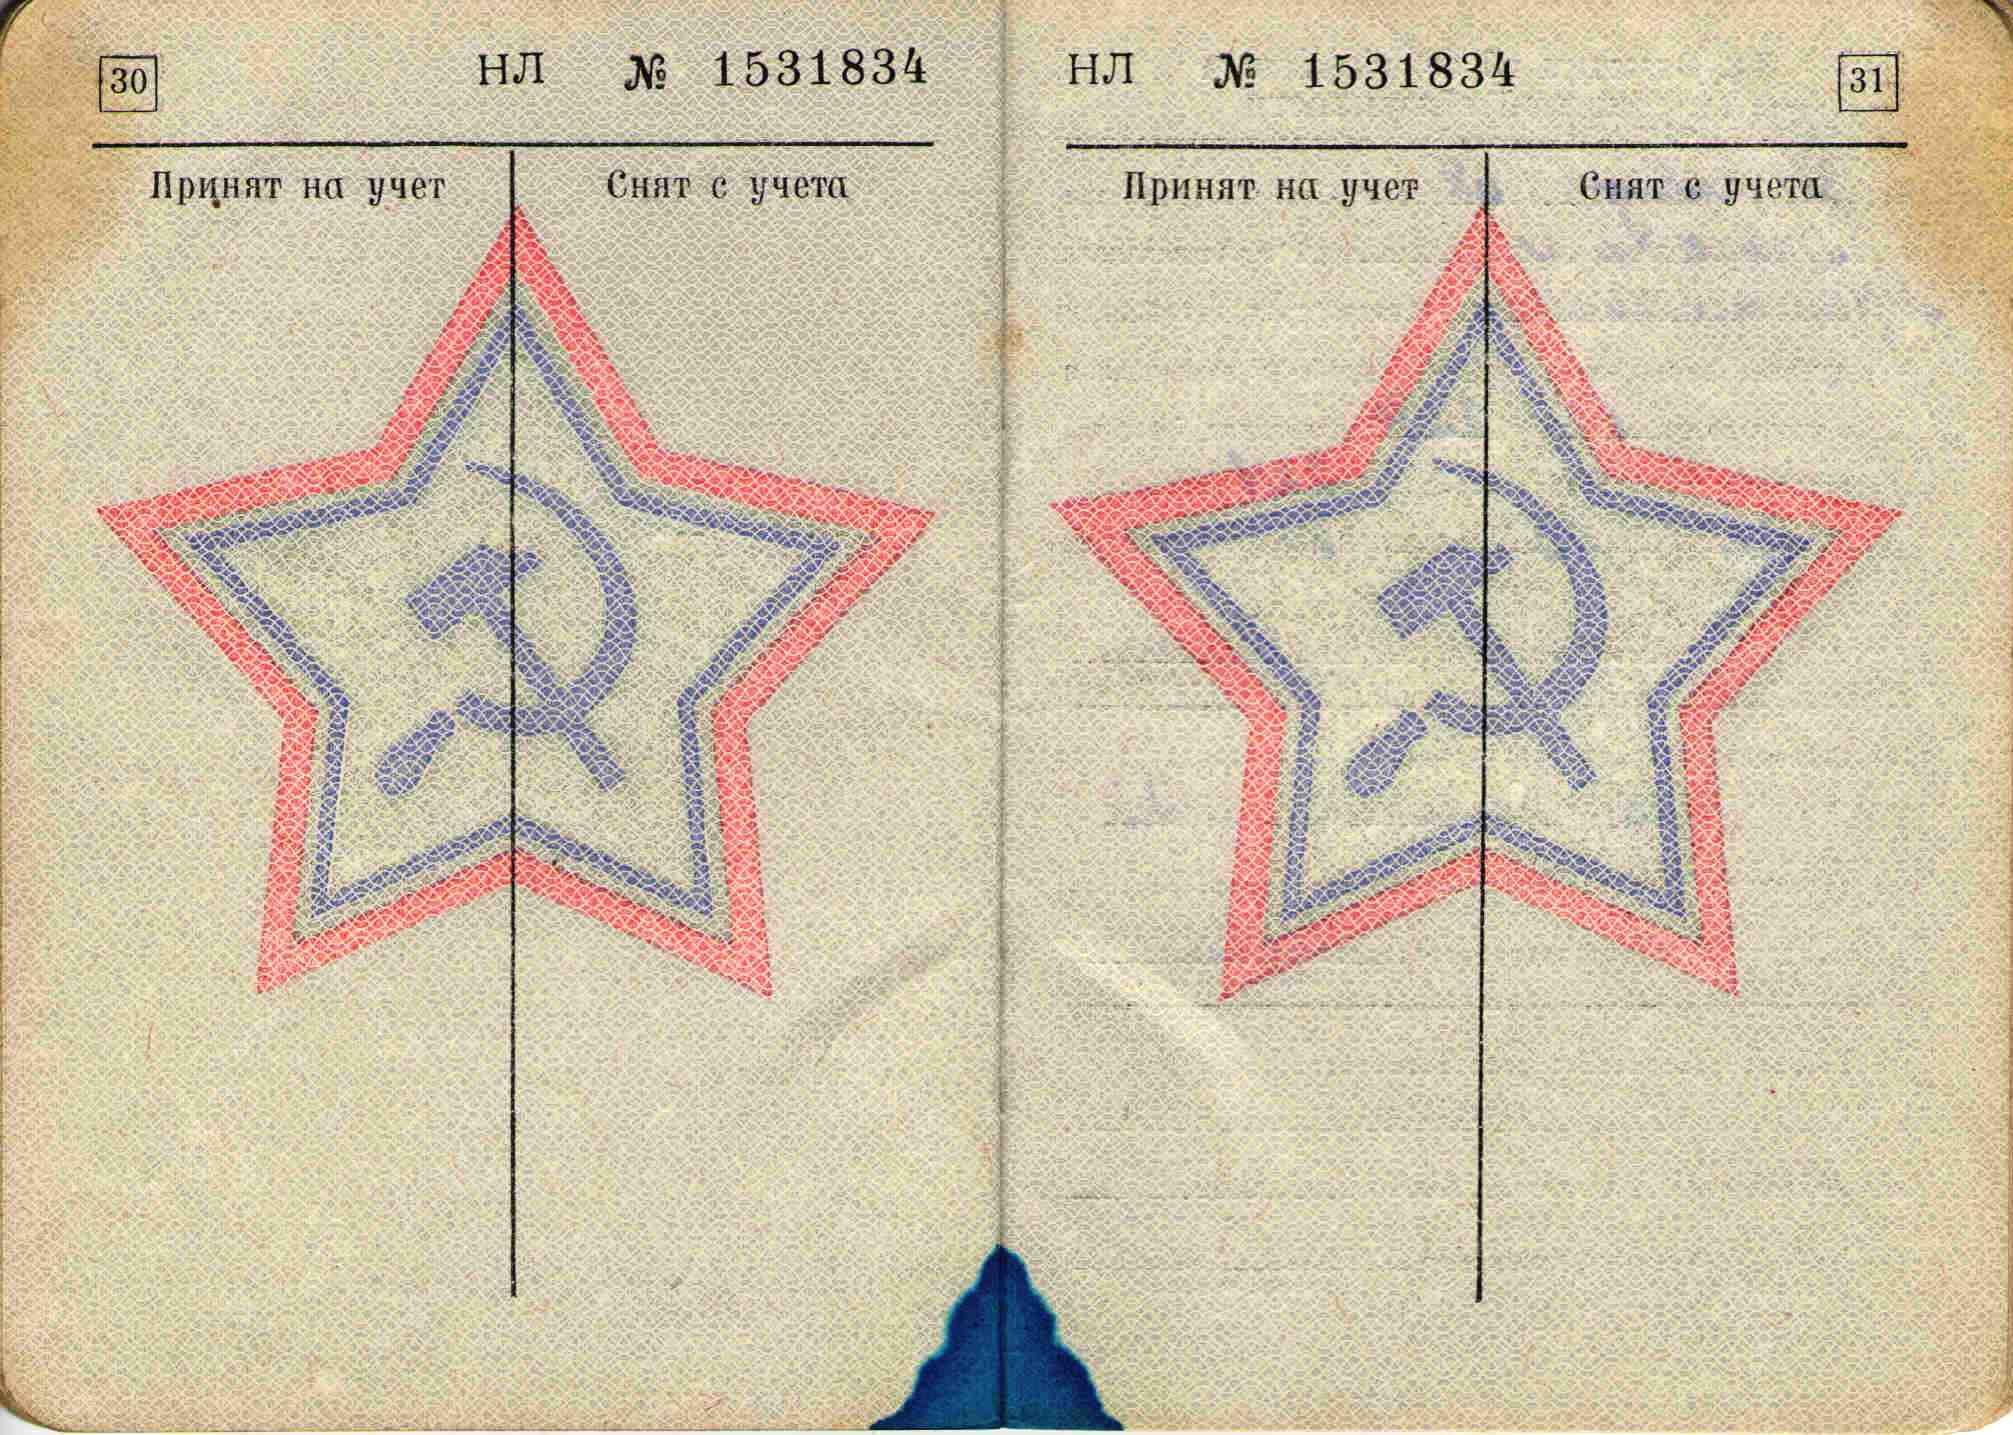 43. Военный билет, 1964